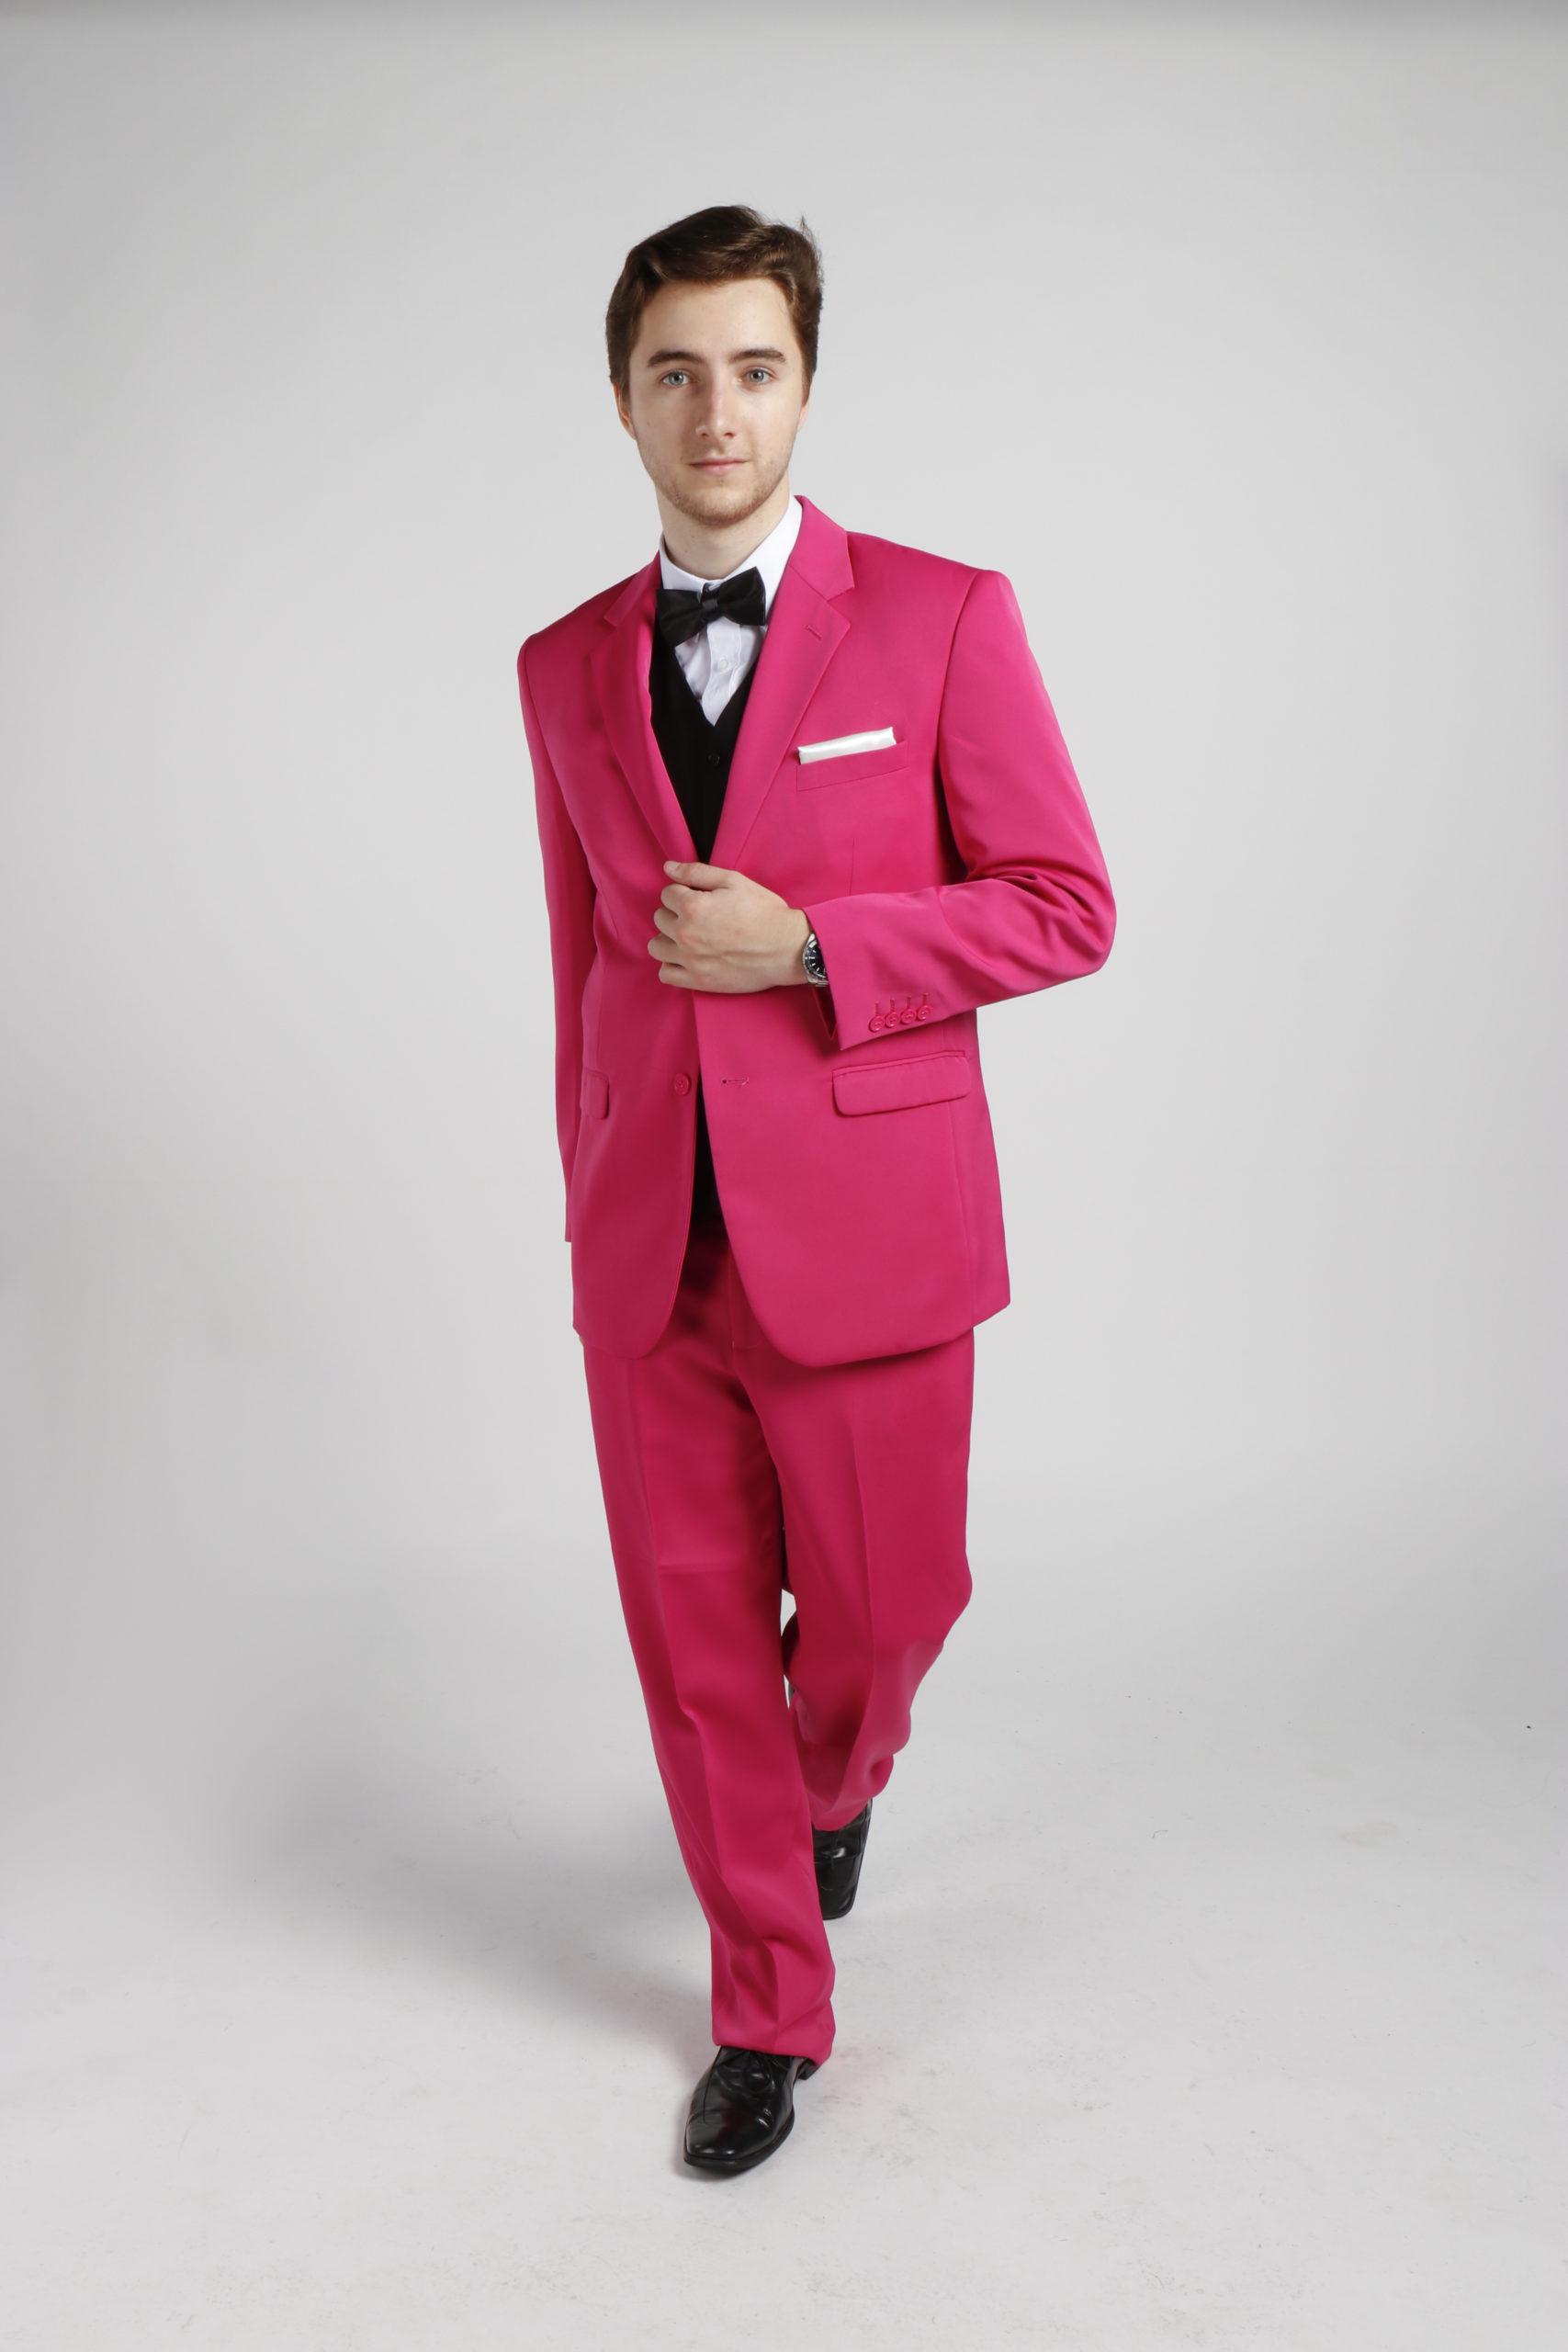 Pink Suit Hire